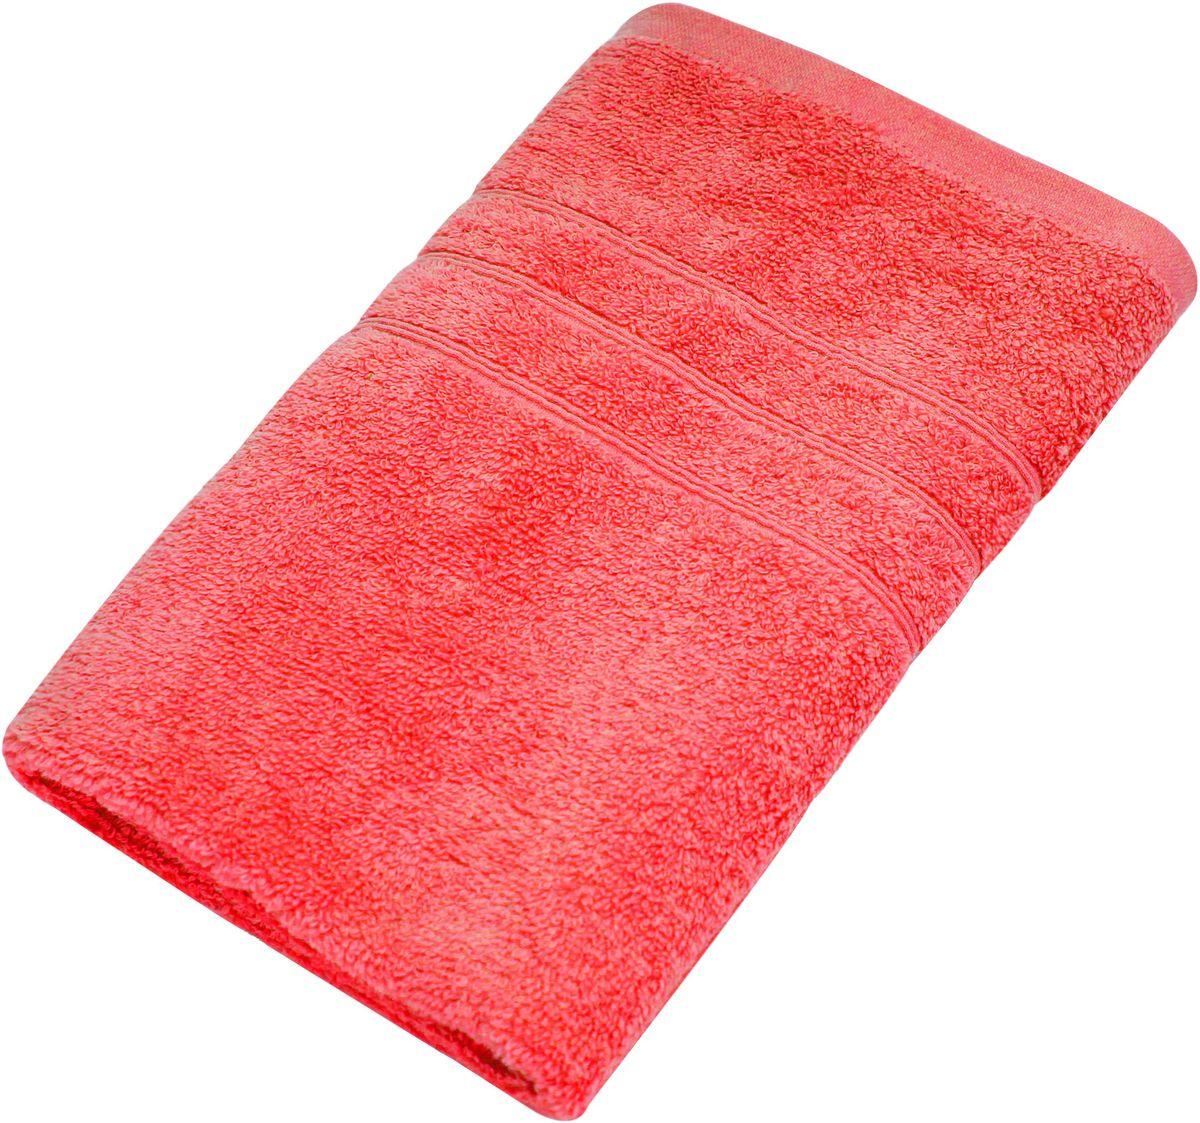 Полотенце Proffi Home Модерн, цвет: красный, 50 x 100 смPH3270Мягкое махровое полотенцеProffi Home Модерн отлично впитывает влагу и быстро сохнет, приятно в него завернуться после принятия ванны или посещения сауны. Поэтому данное махровое полотенце можно использовать в качестве душевого, банного или пляжного полотенца. Состав: 100% хлопок.